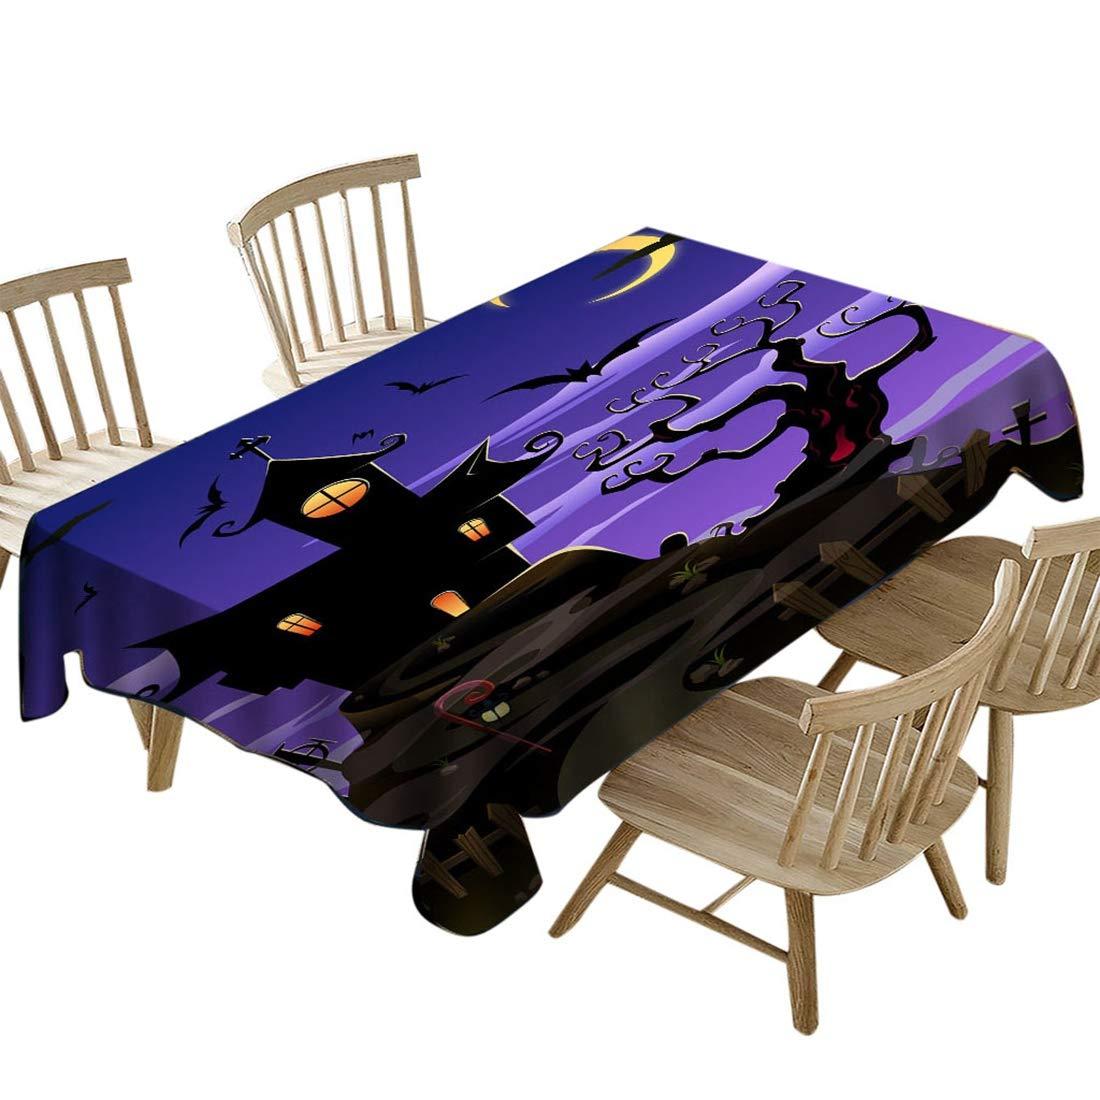 YUENA CARE Nappe pour Table Nappe Rectangulaire Imperm/éable Parfait pour Halloween Mod/èle A #1 137 137cm